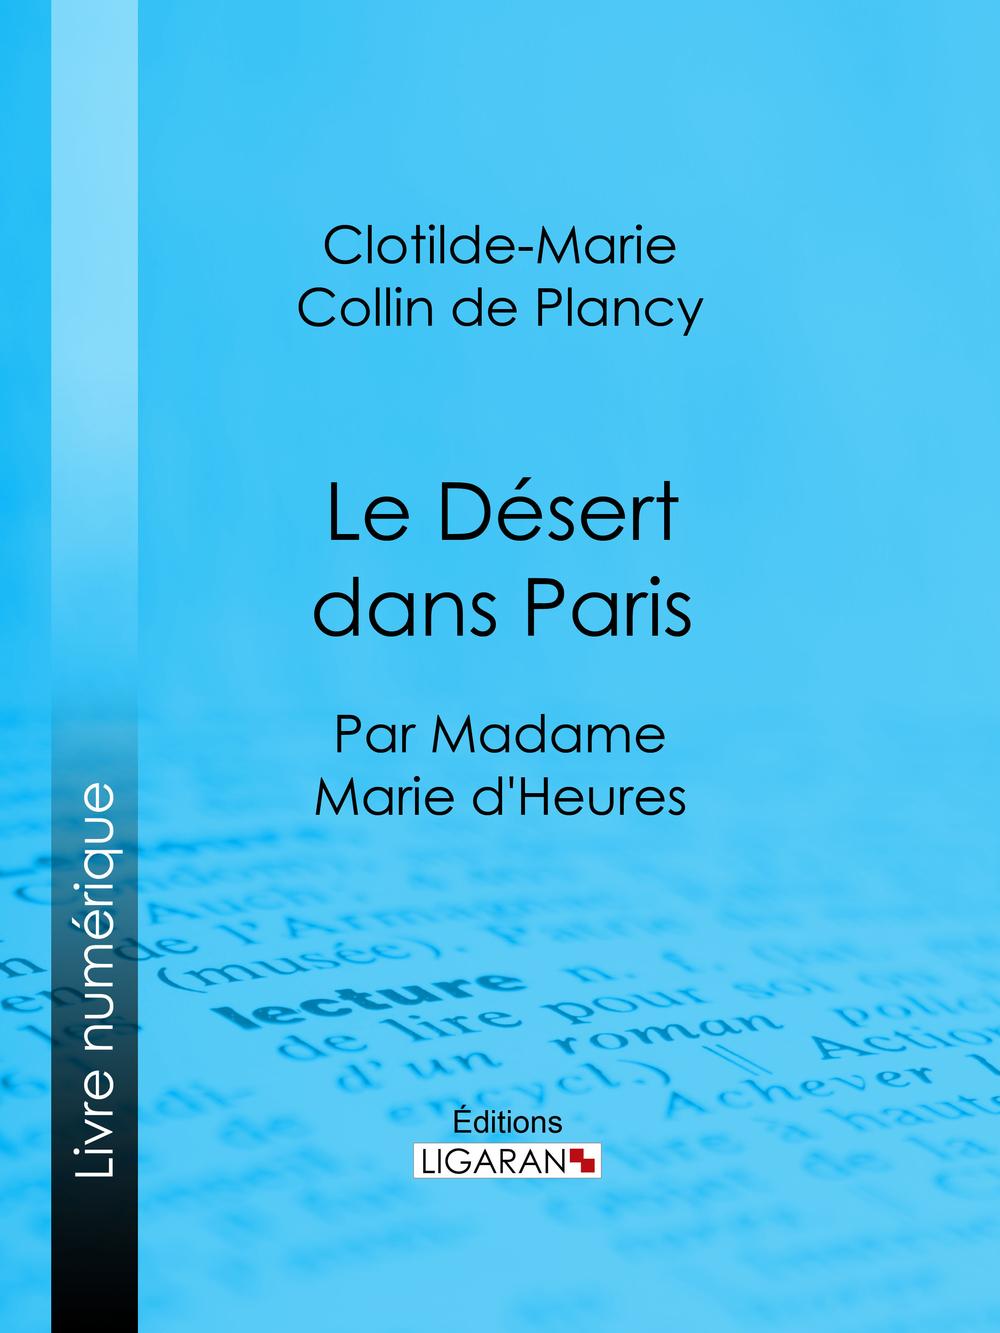 Le Désert dans Paris